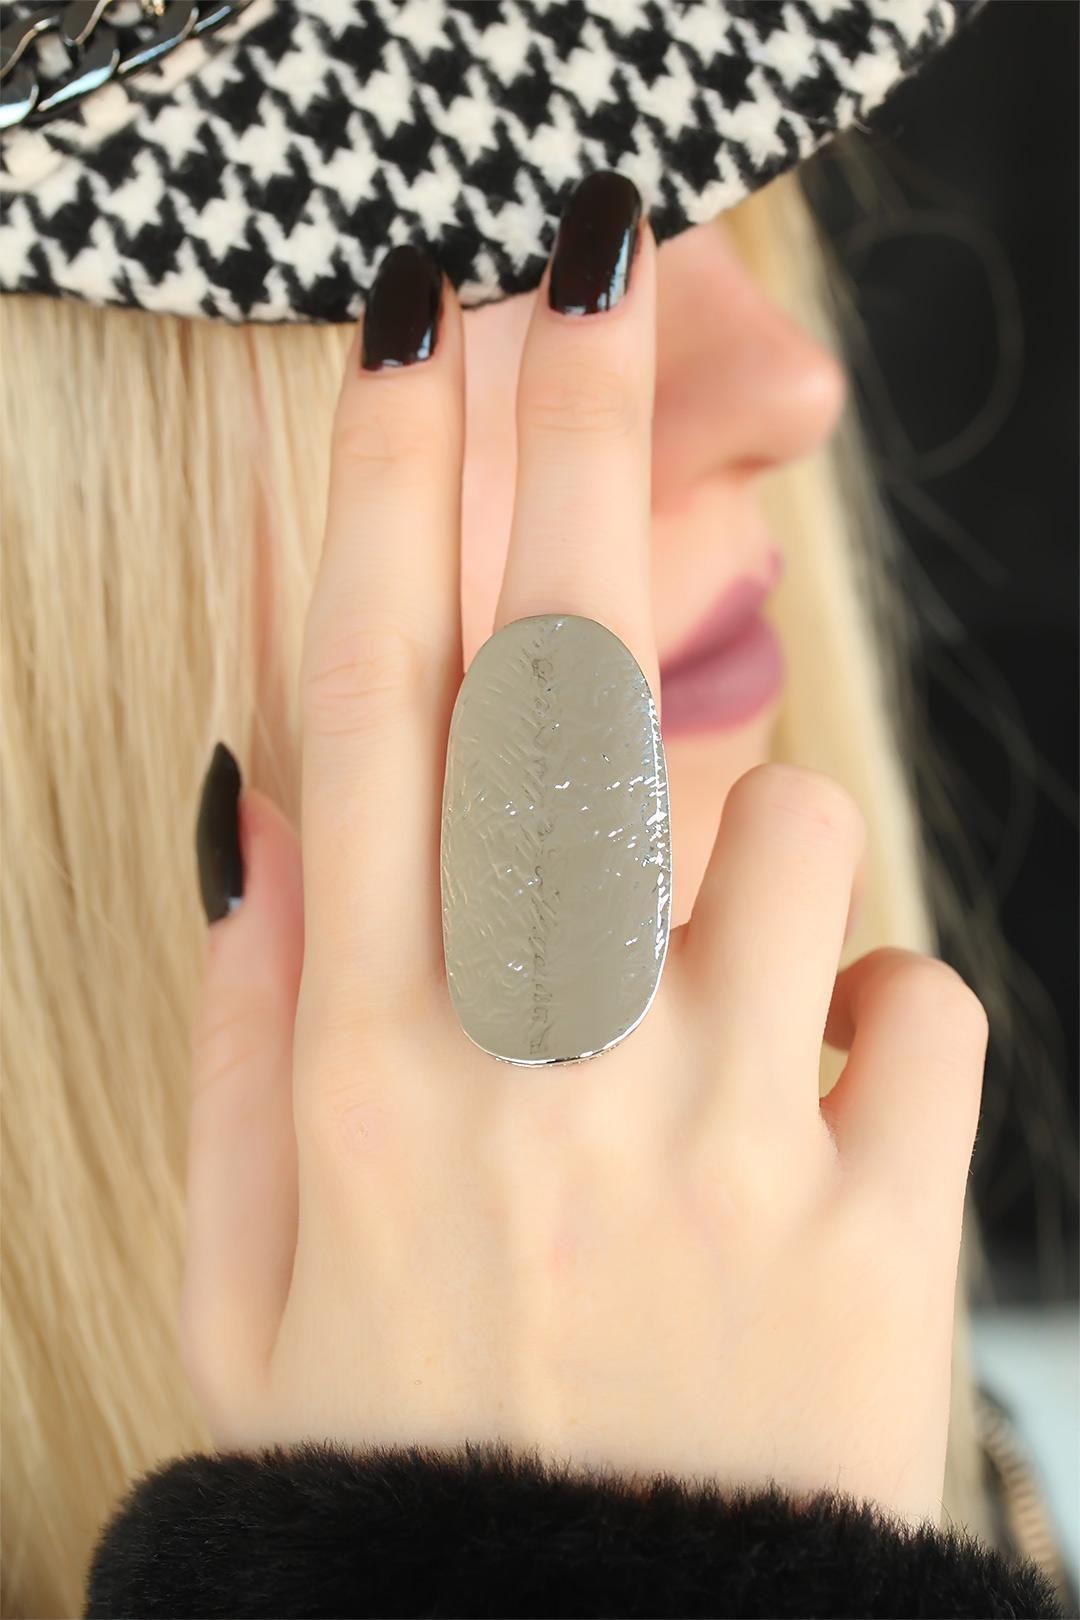 Silver Renk Elips Bayan Ayarlamalı Yüzük